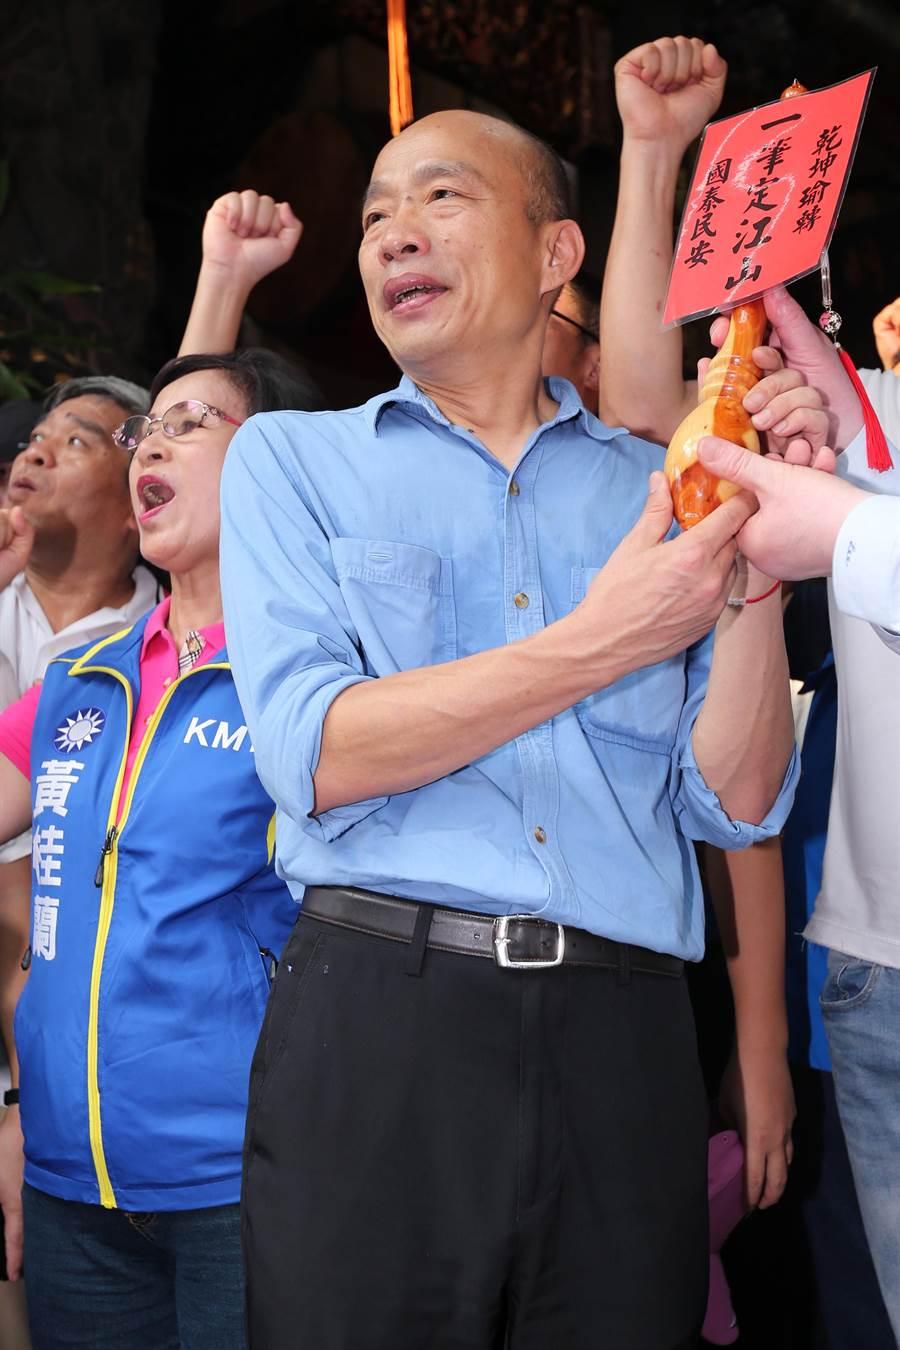 韓國瑜赴三重先嗇宮參拜,廟方致贈加持過的金筆,祝他「一筆定江山」。(黃世麒攝)